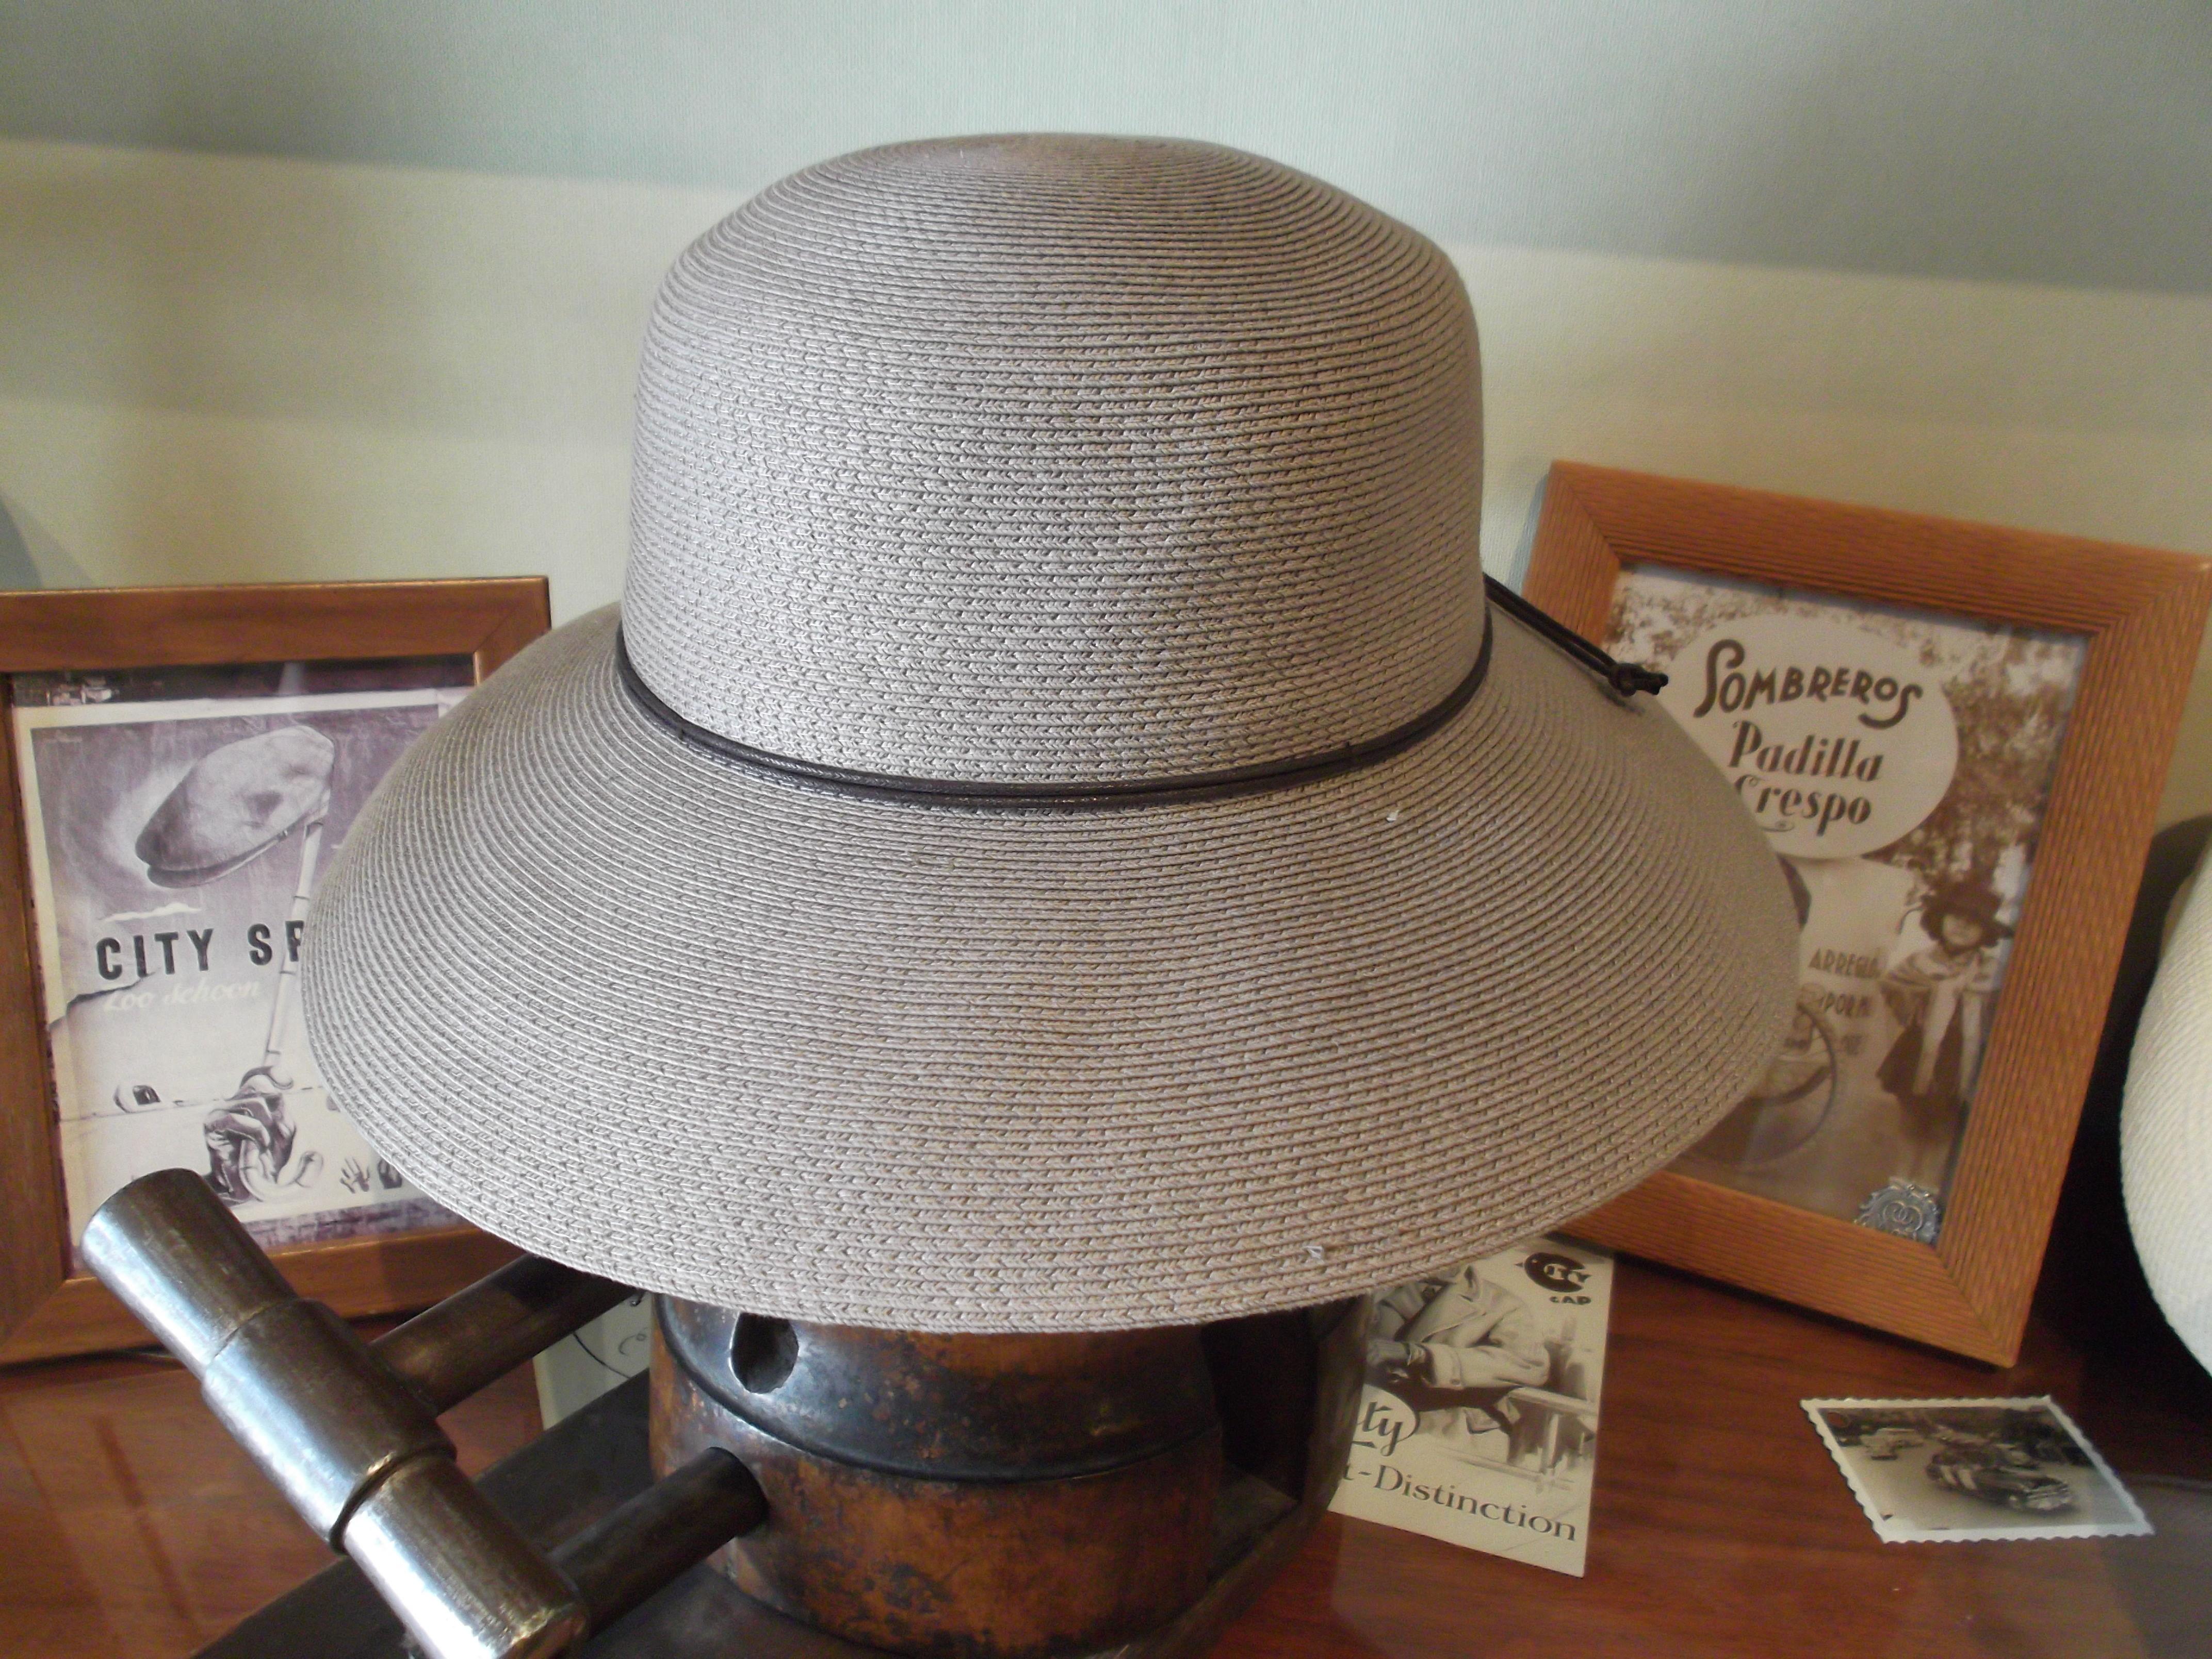 PAMELA GRIS: Catálogo de Sombrerería Citysport